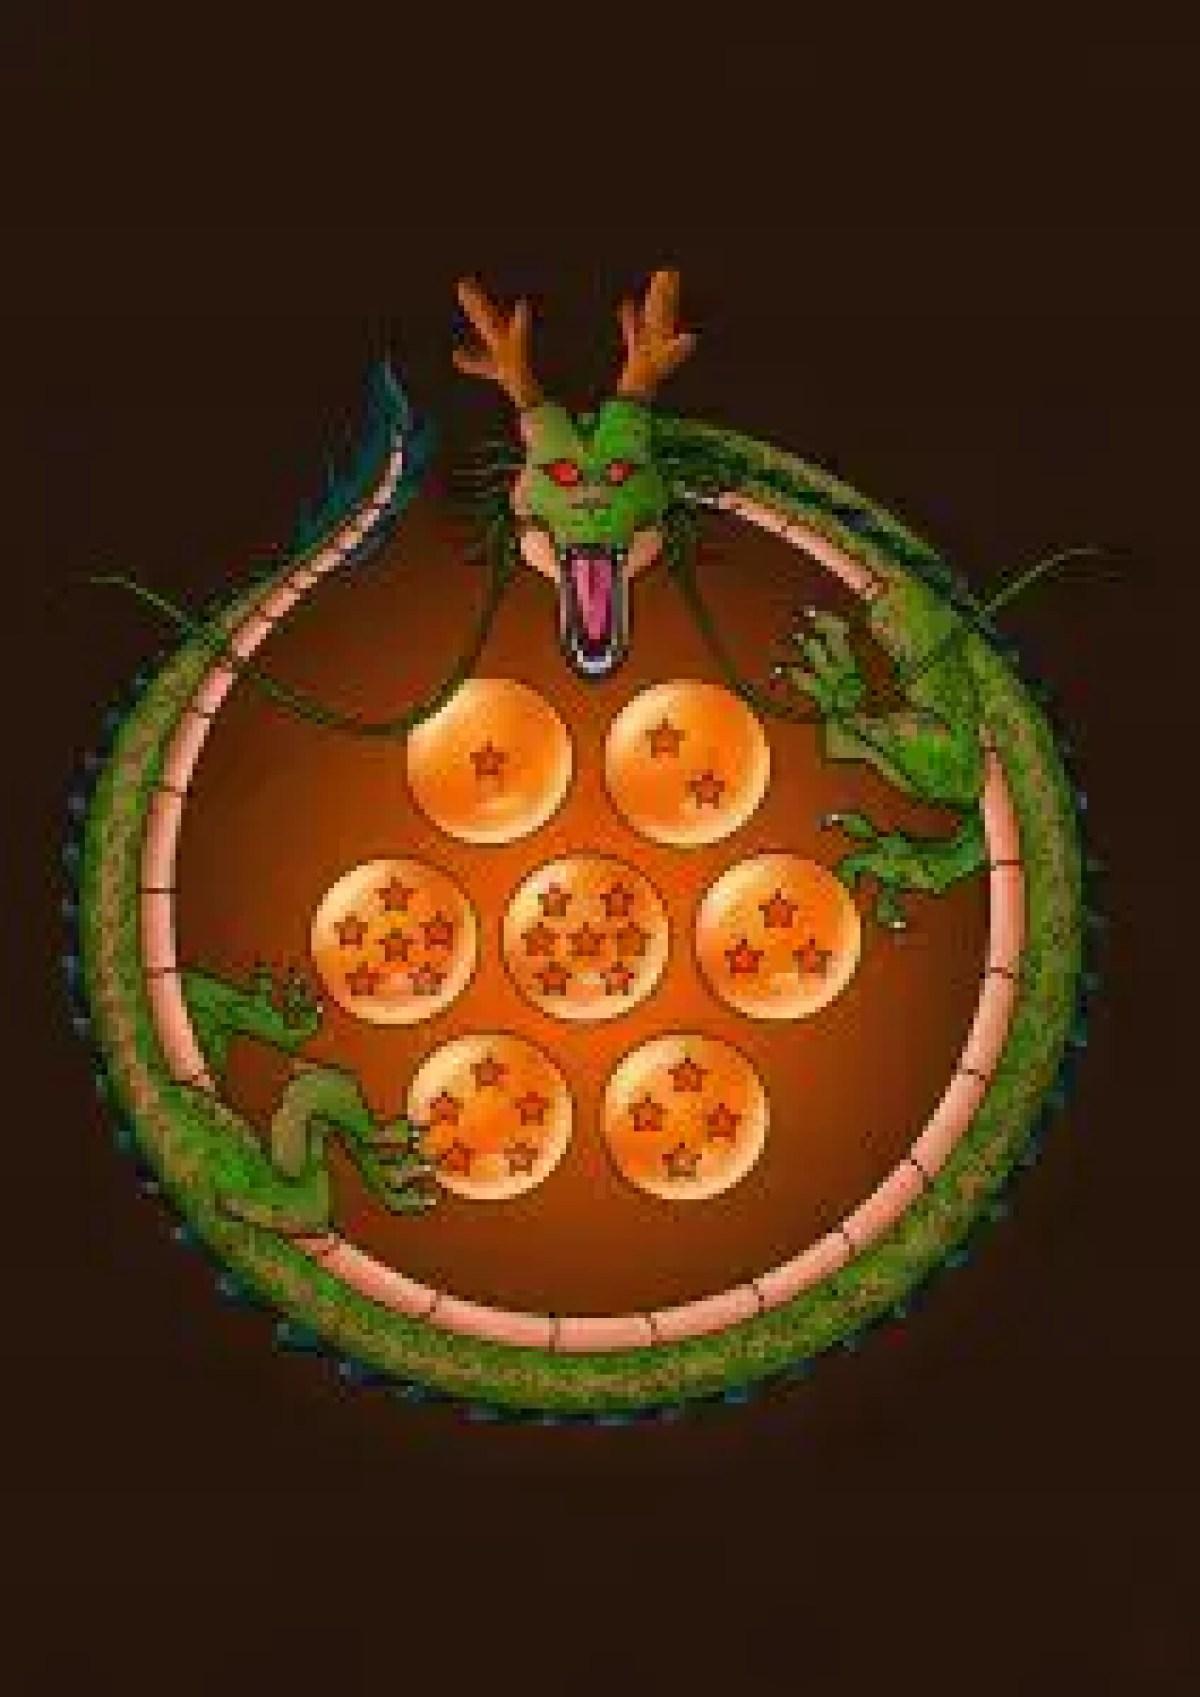 eternal dragon shenron, dragon ball z, dragon balls, dragon, ouroboros, nostalgic, nostalgia, artwork, illustration